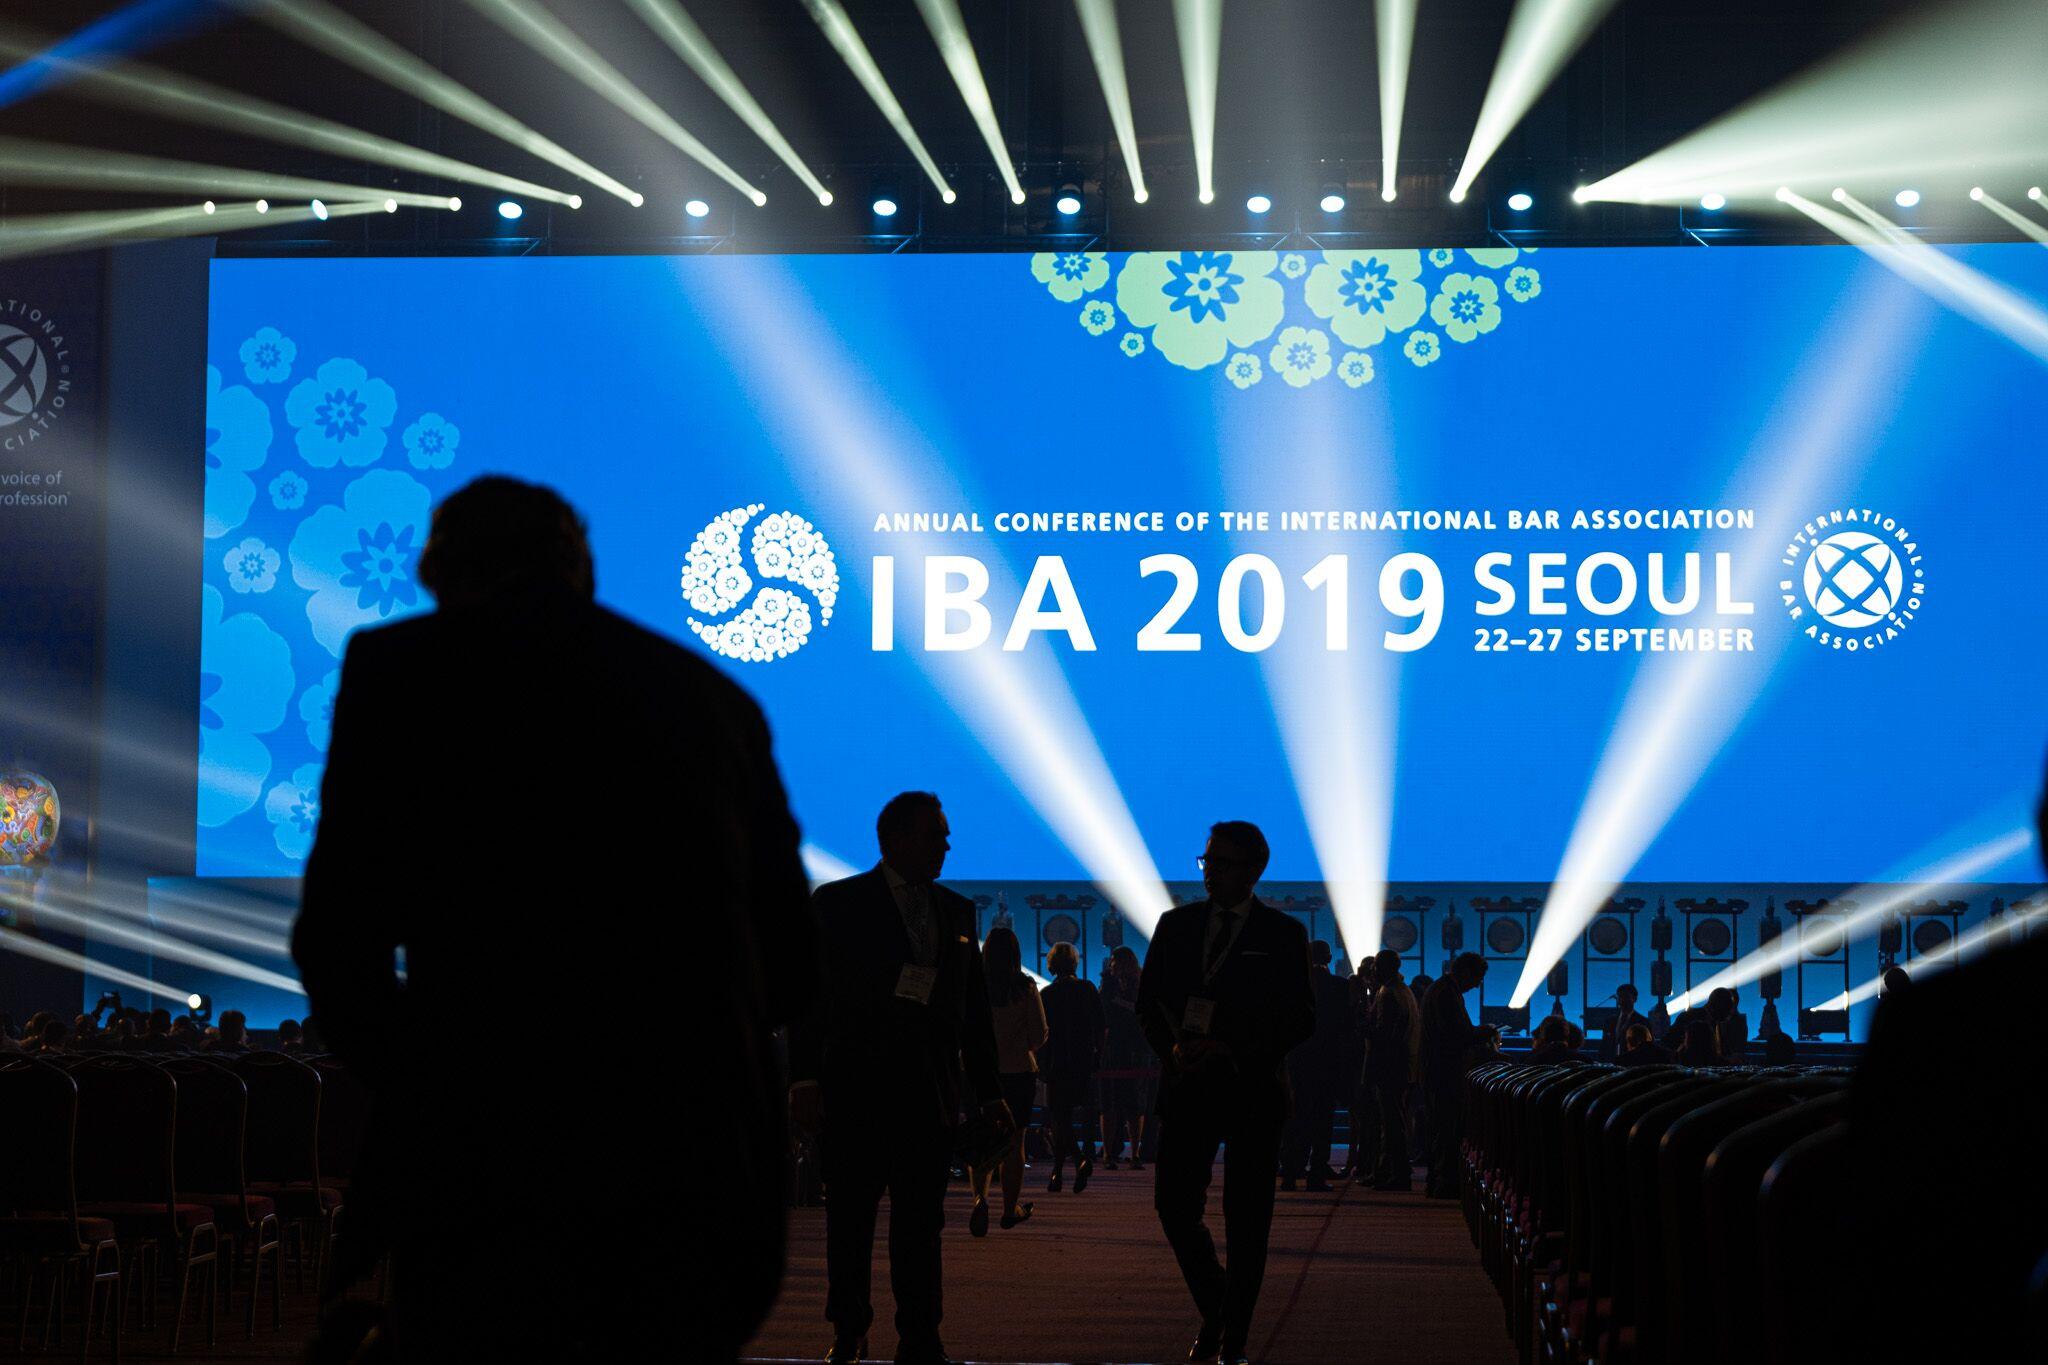 서울에서 개최된 법률분야 세계 최대 국제회의 '2019년 세계변호사협회 총회'